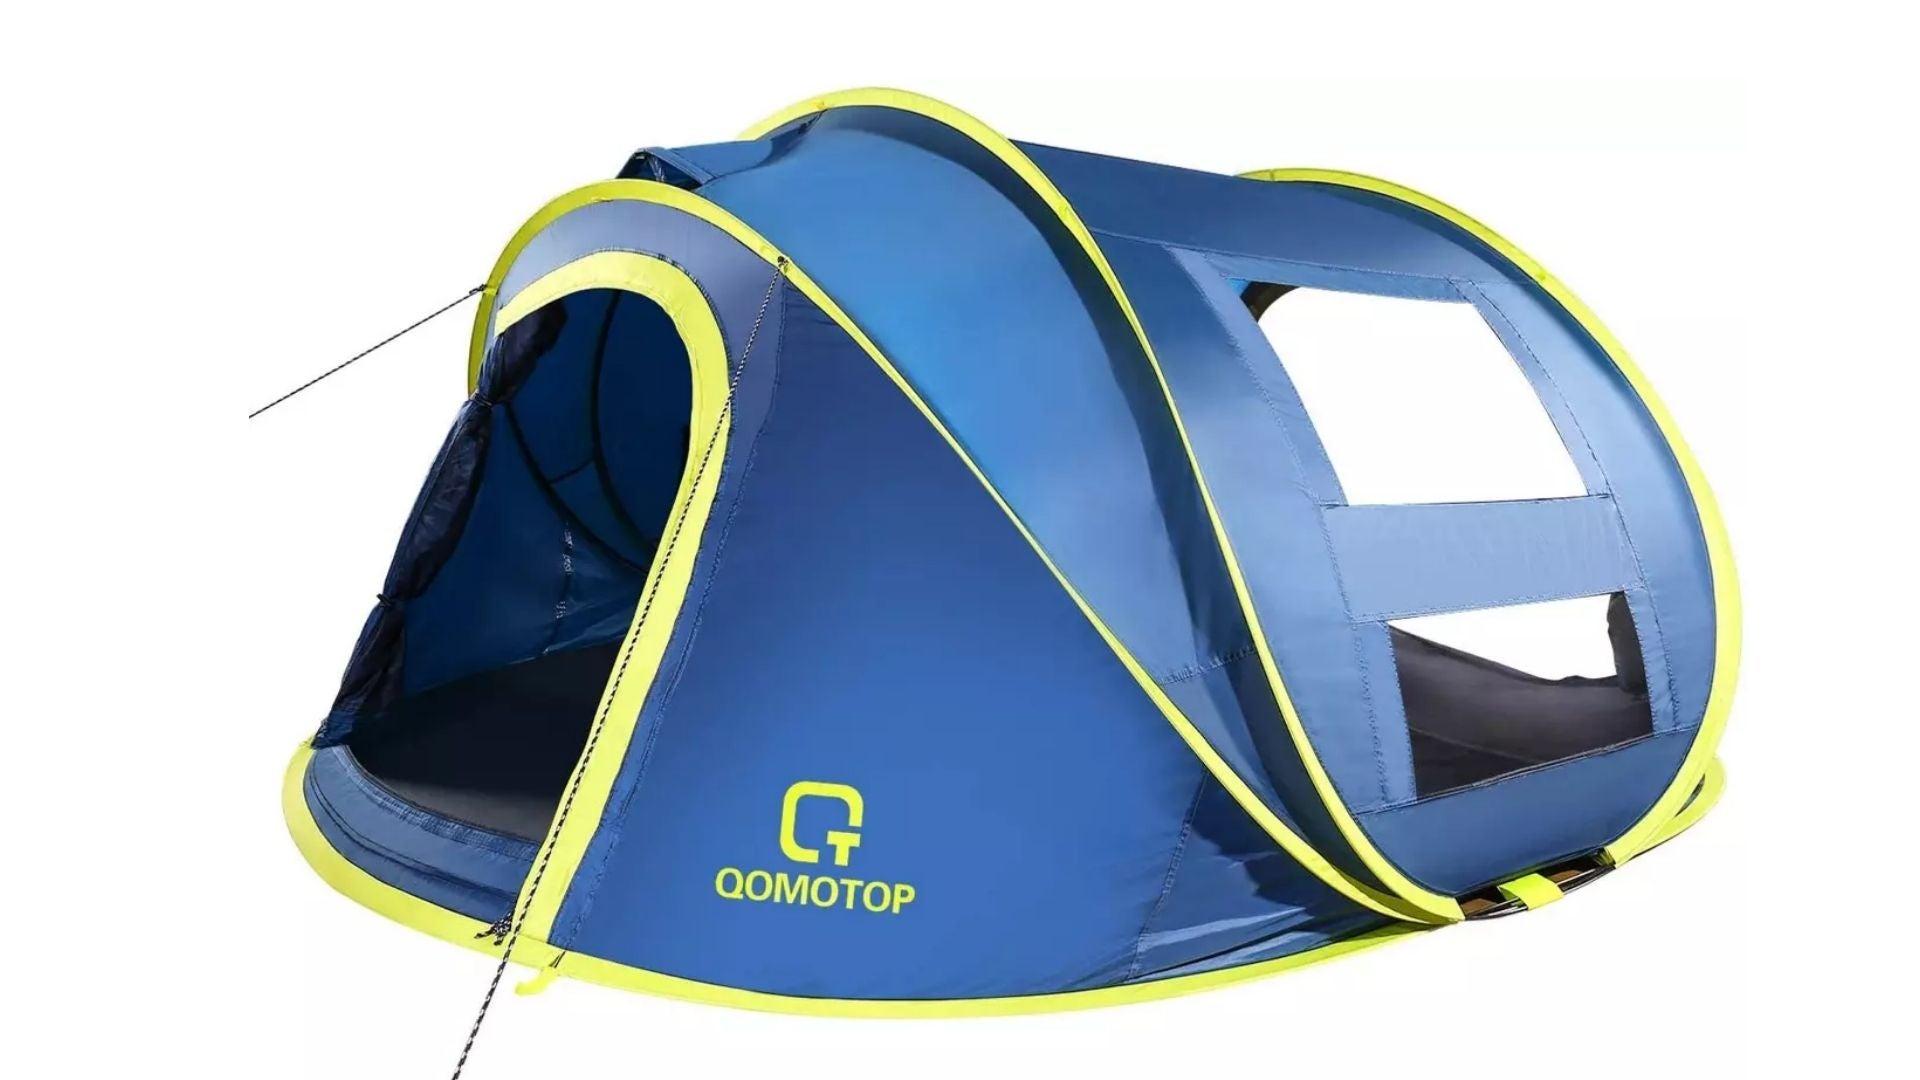 OT Qomotop pop-up tent